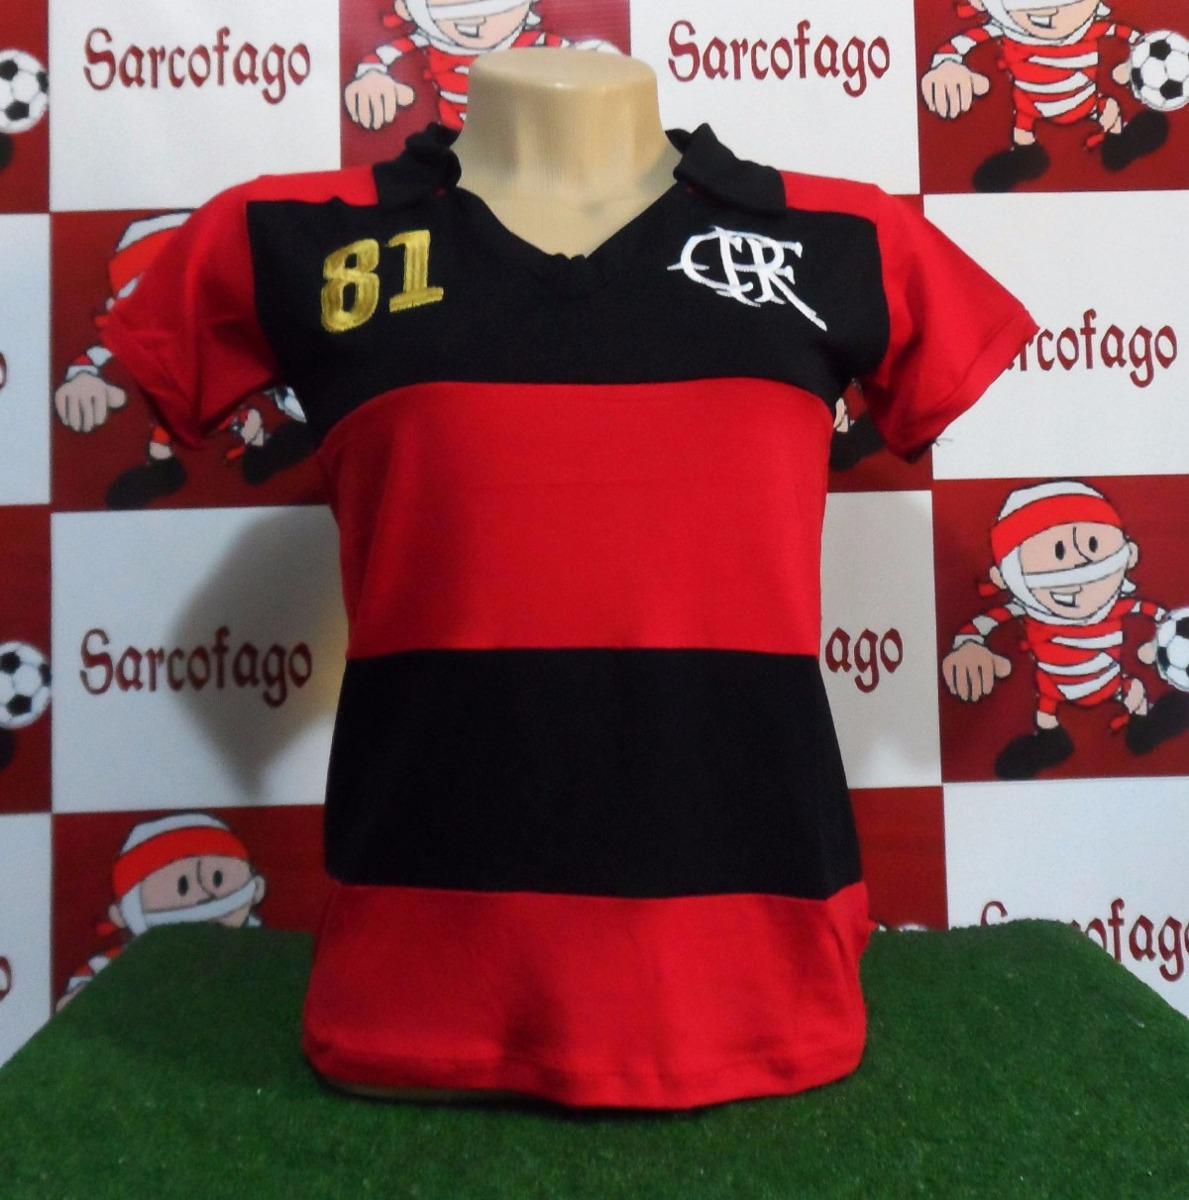 37ba881f6e camisa flamengo retro feminina 81 mundial. Carregando zoom.